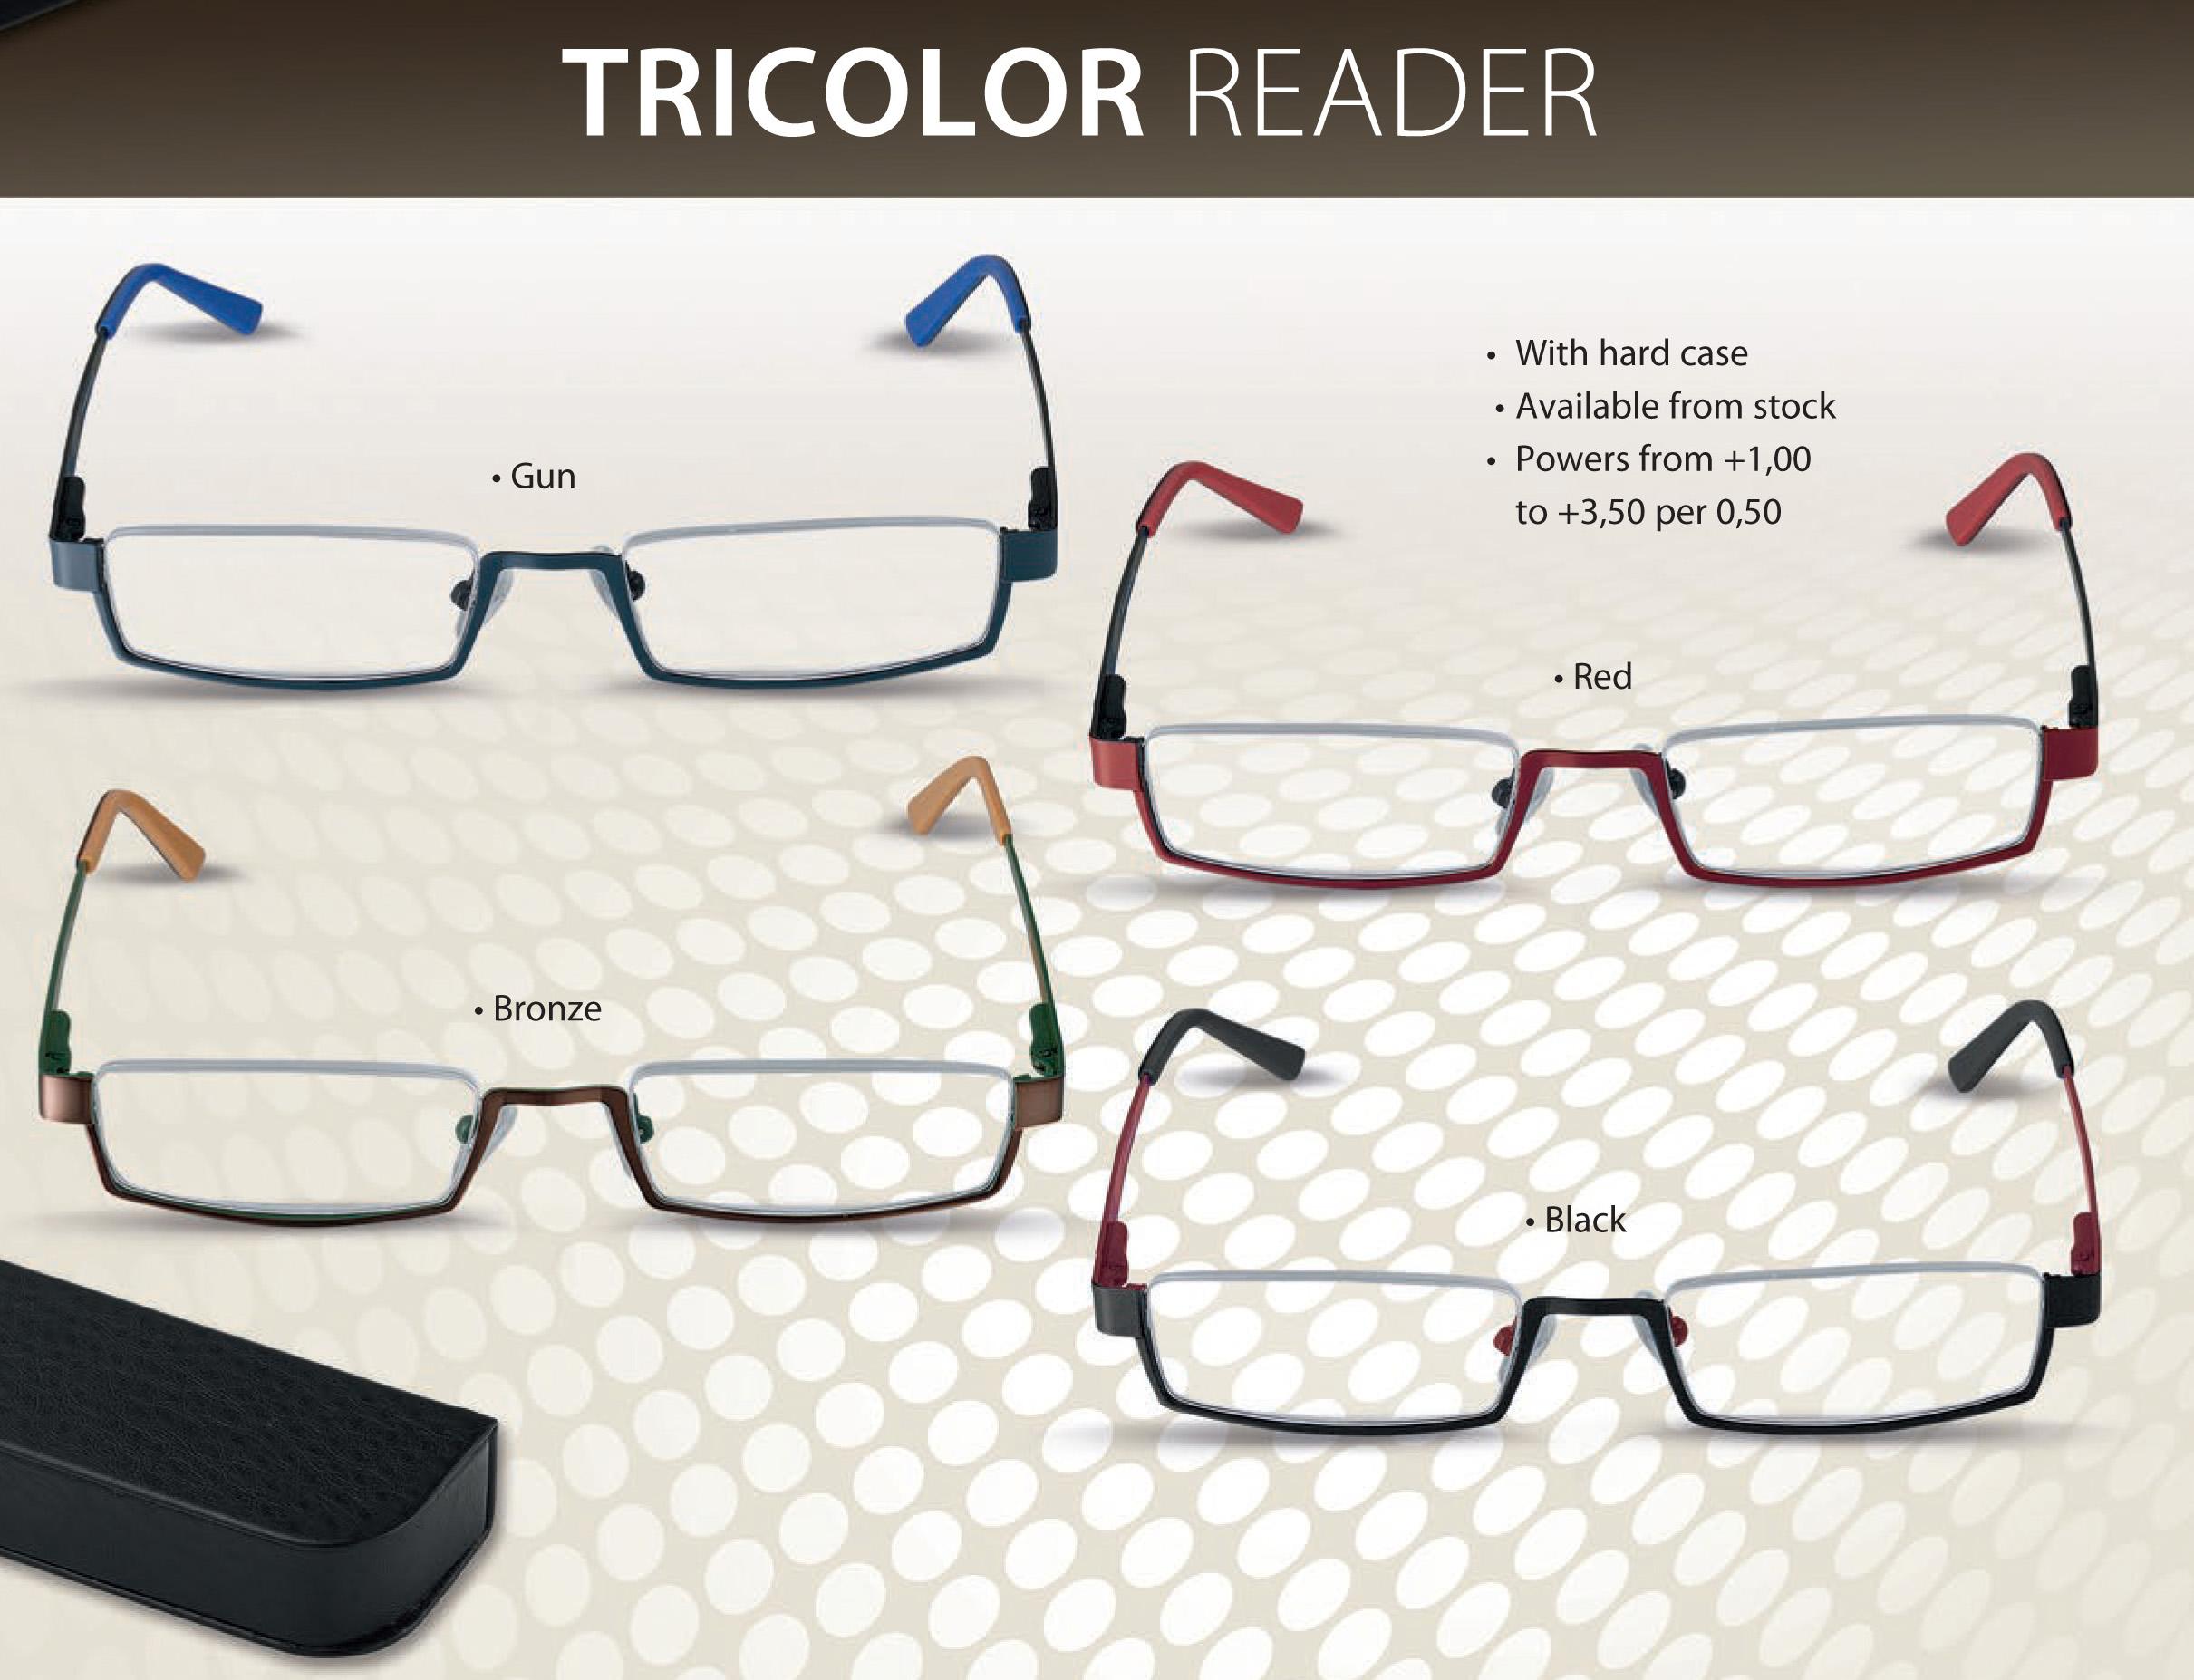 Tricolor Flex Reader